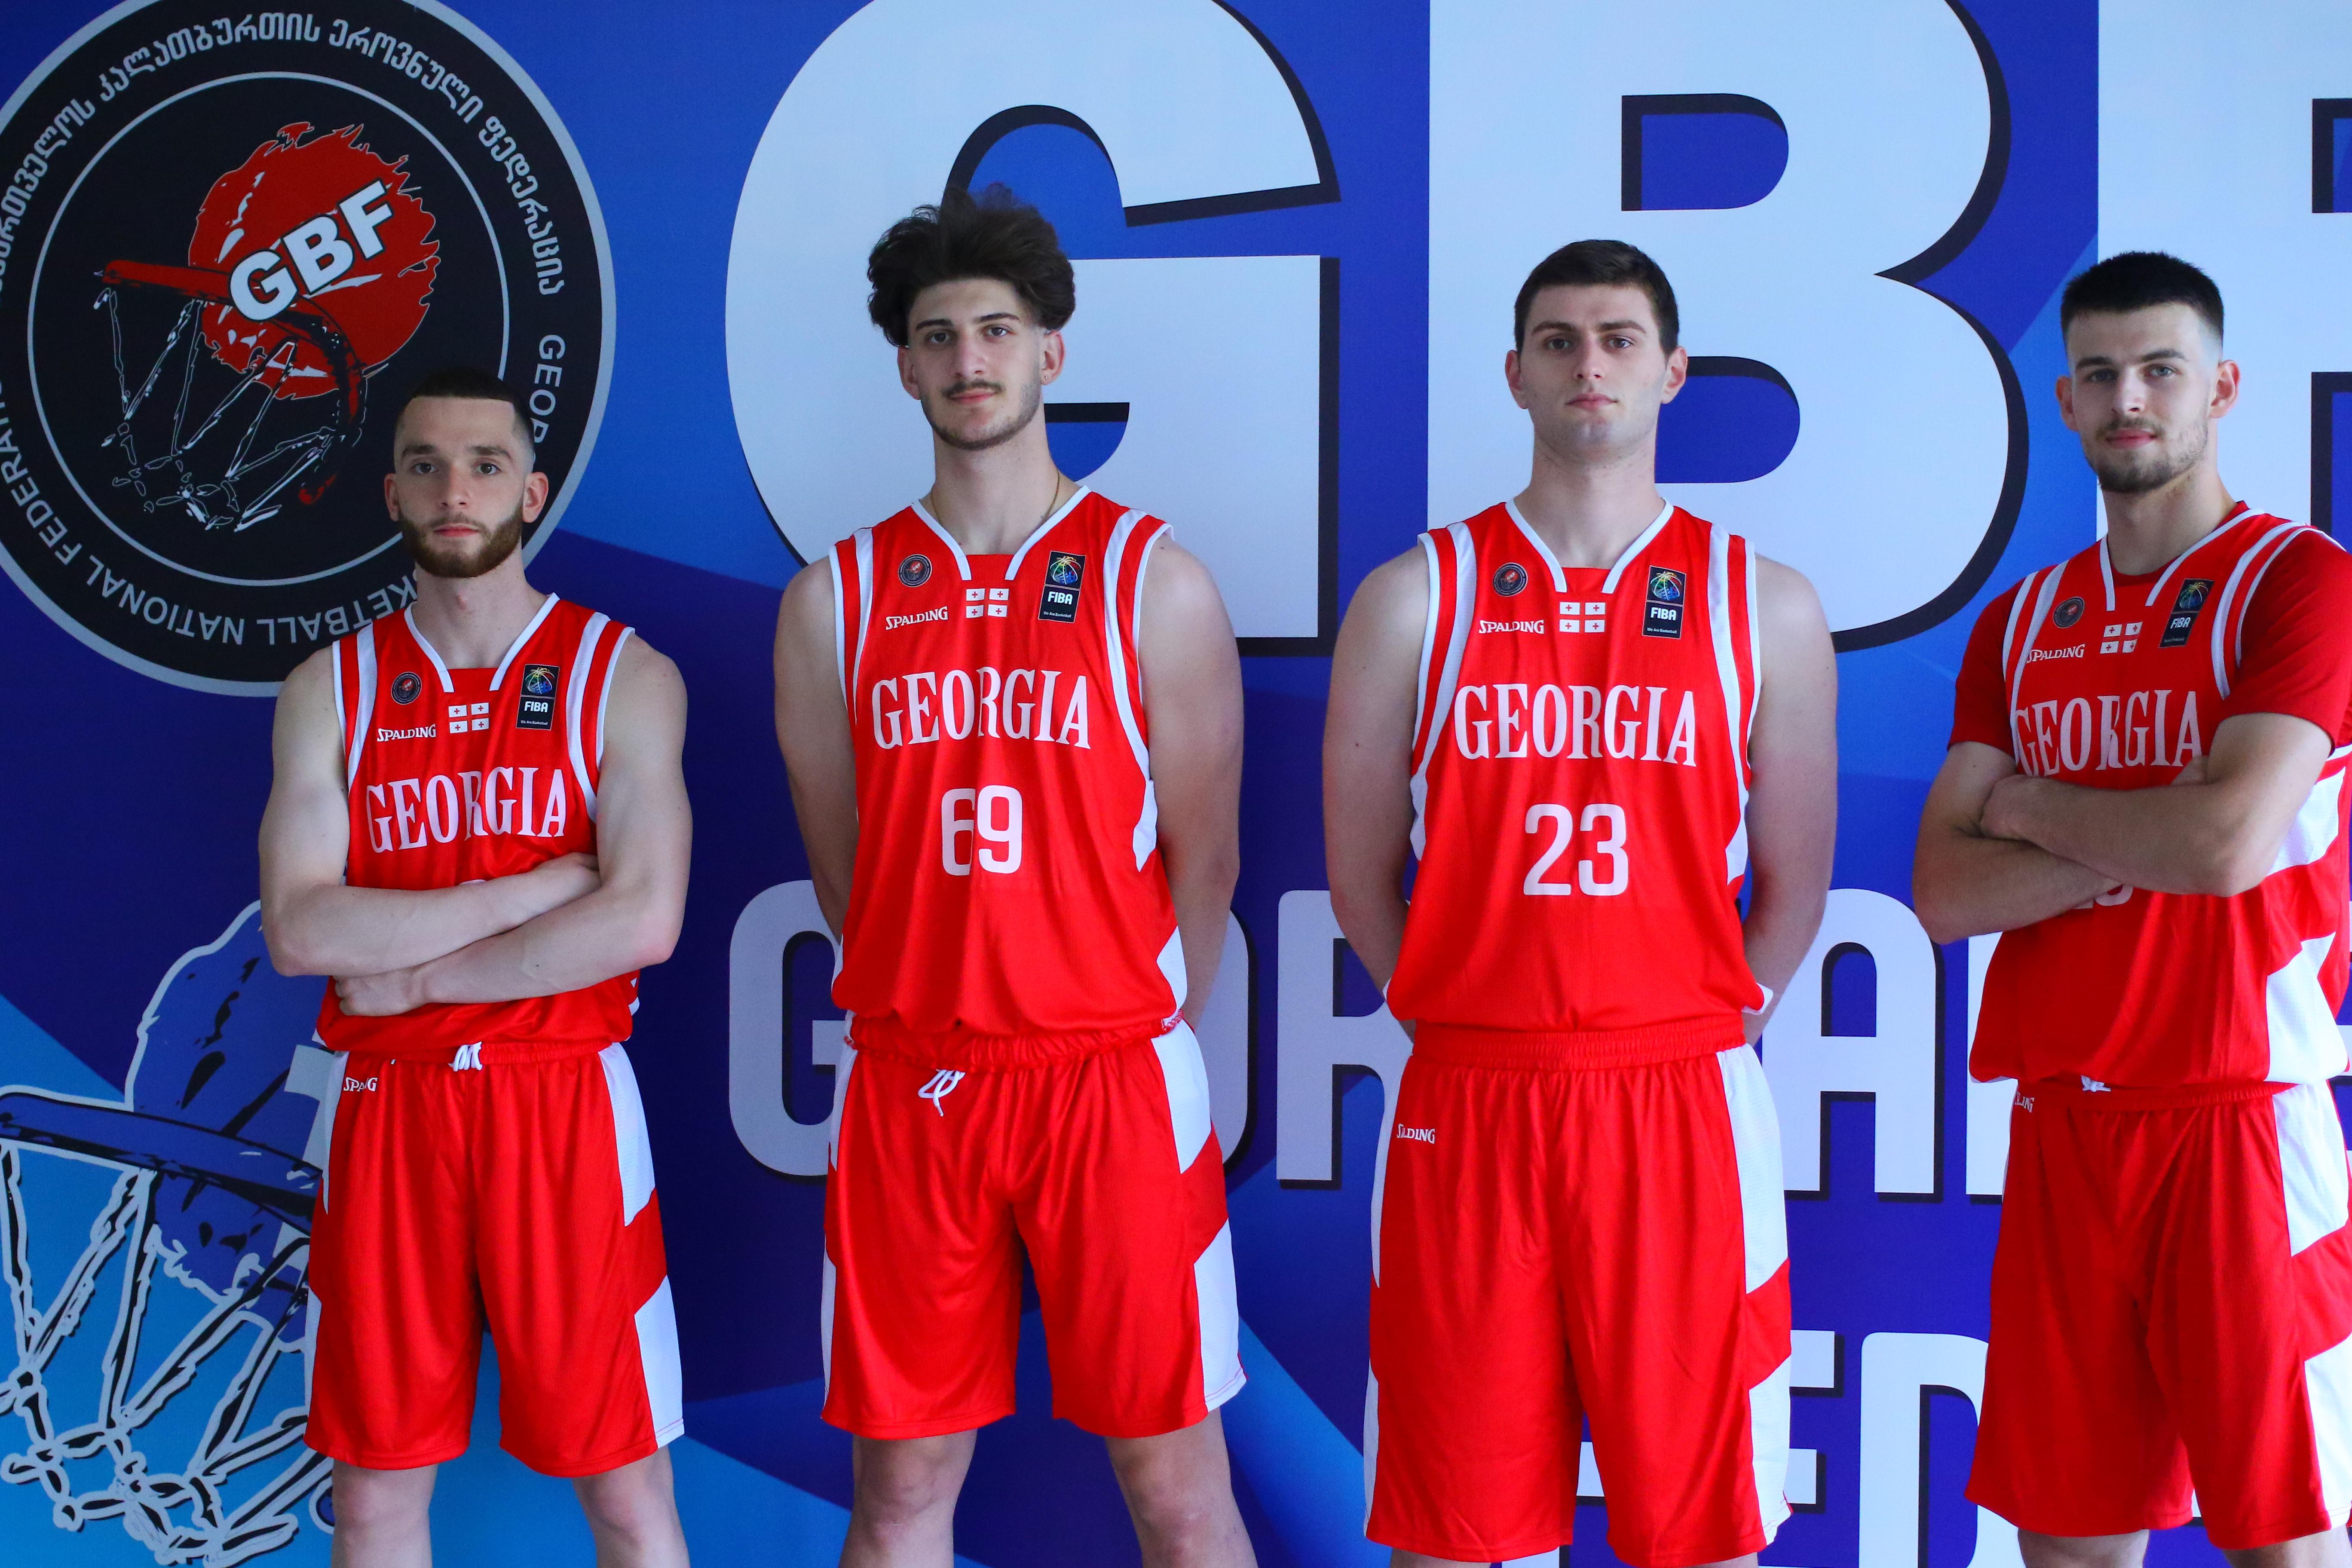 საქართველოს U18 კალათბურთელთა 3×3 ნაკრებმა მსოფლიოს ჩემპიონატი გამარჯვებით გახსნა